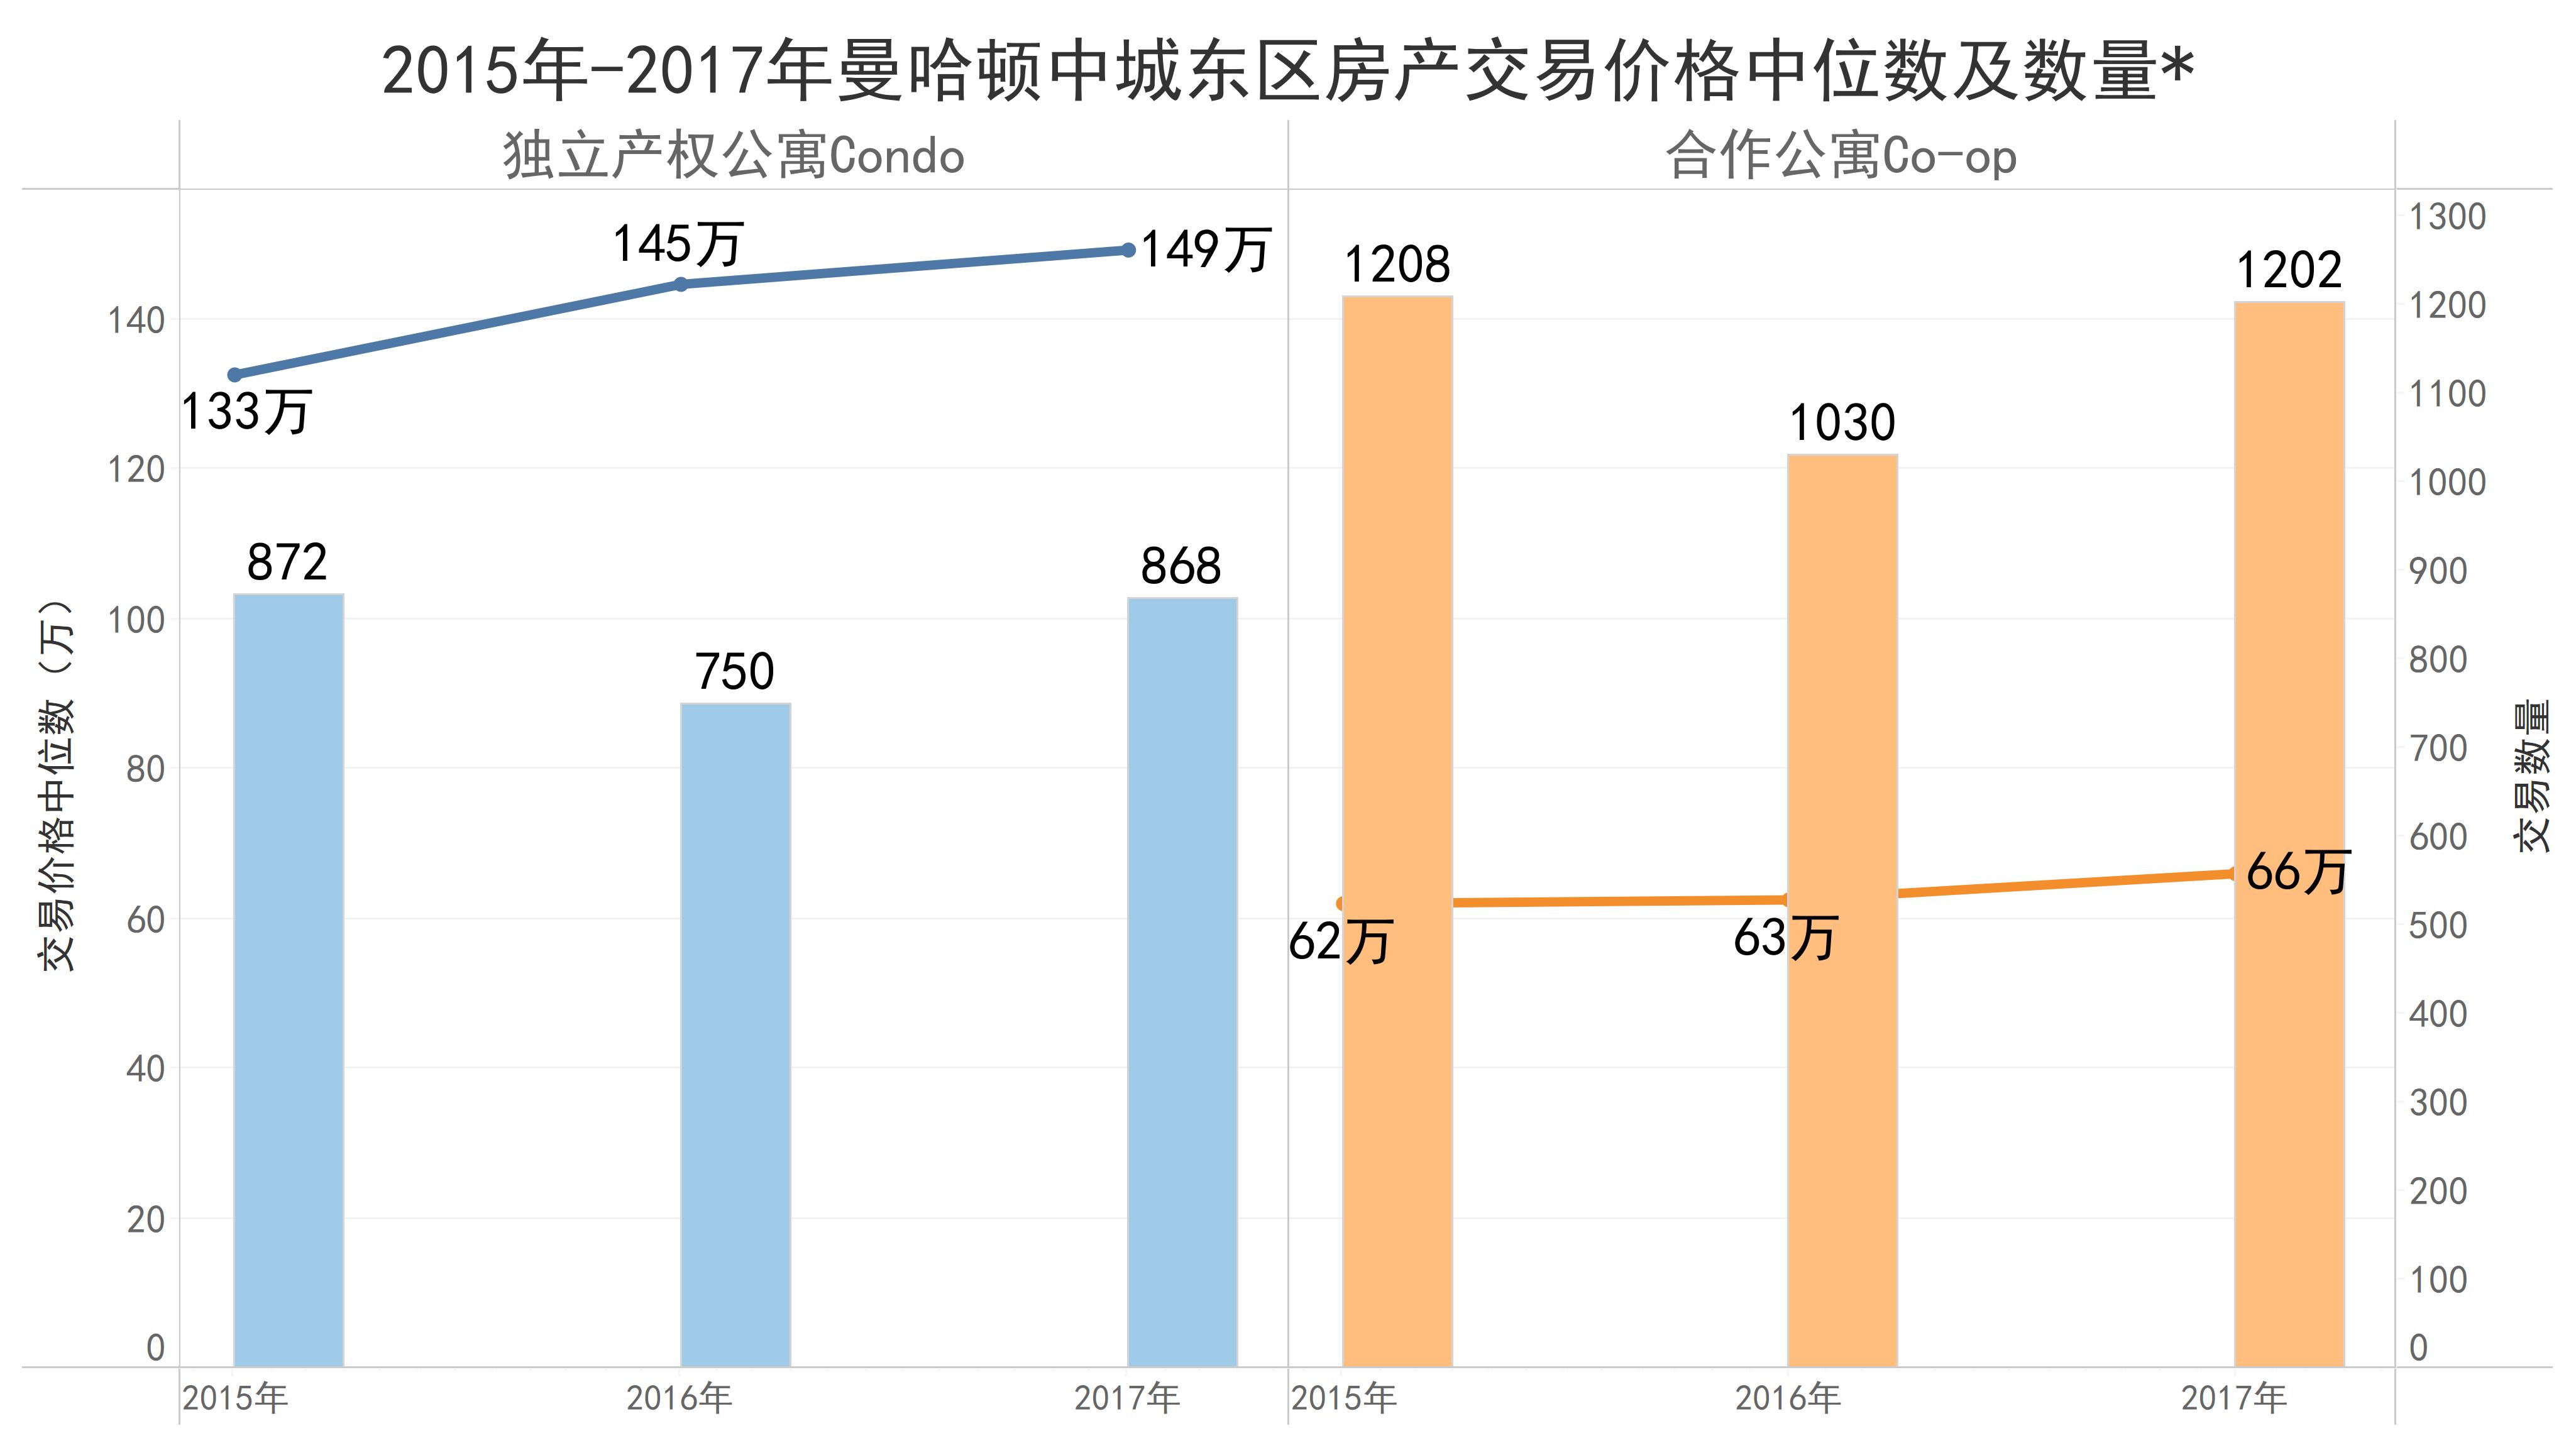 2015-2017曼哈顿中城东区房产交易价格中位数及数量